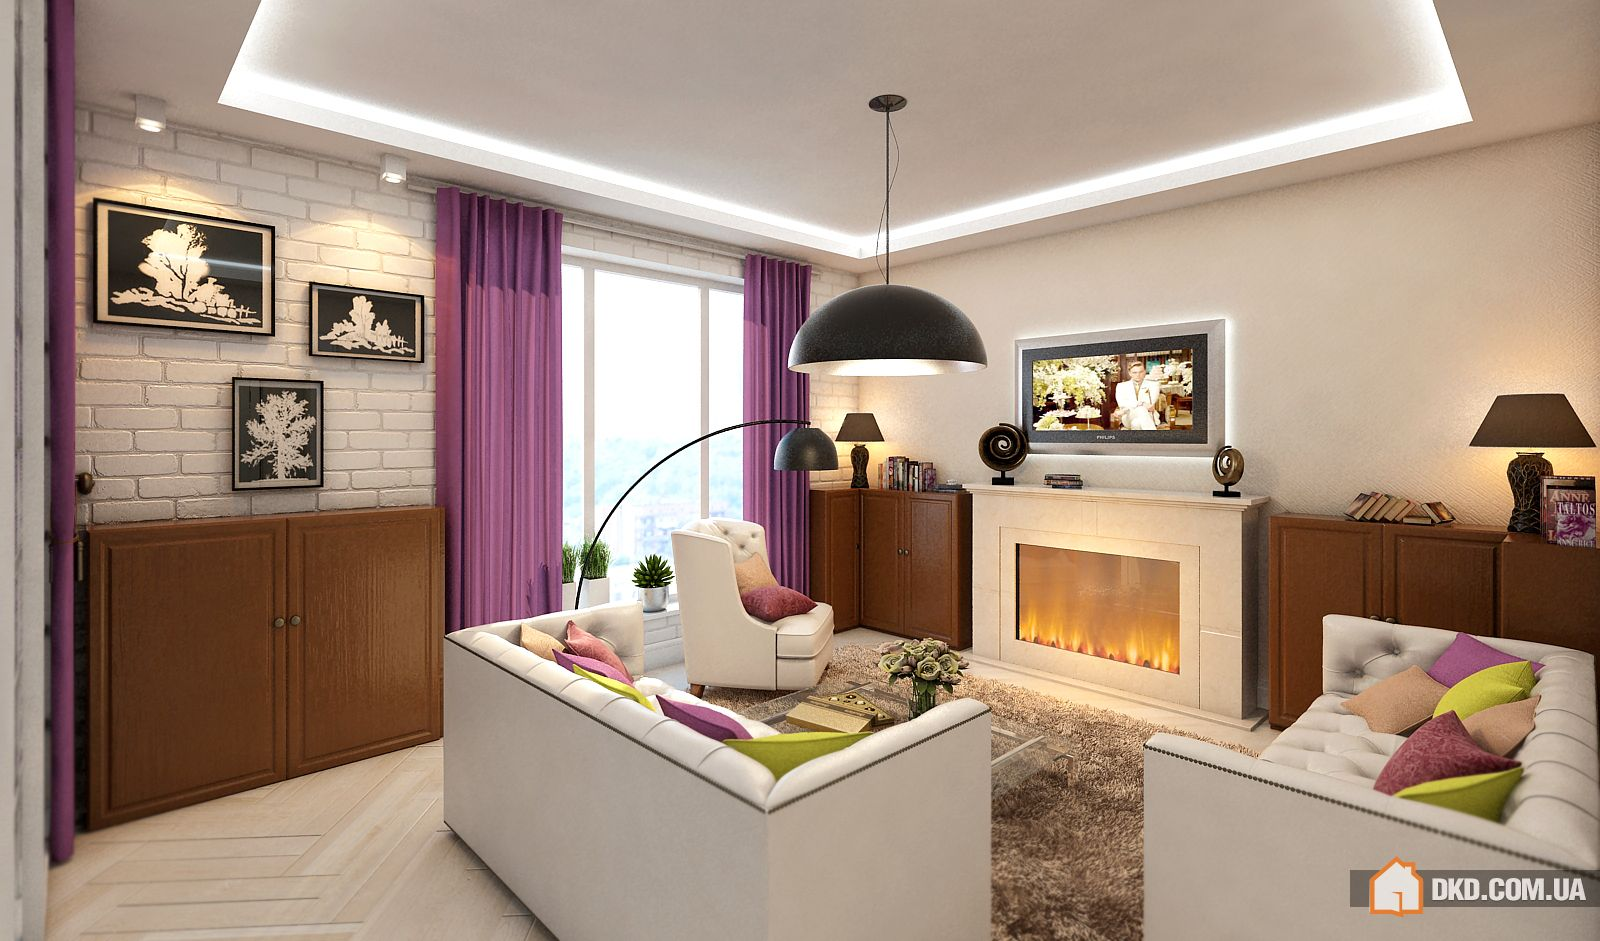 дизайн однокомнатной квартиры 35 кв.м фото кухни